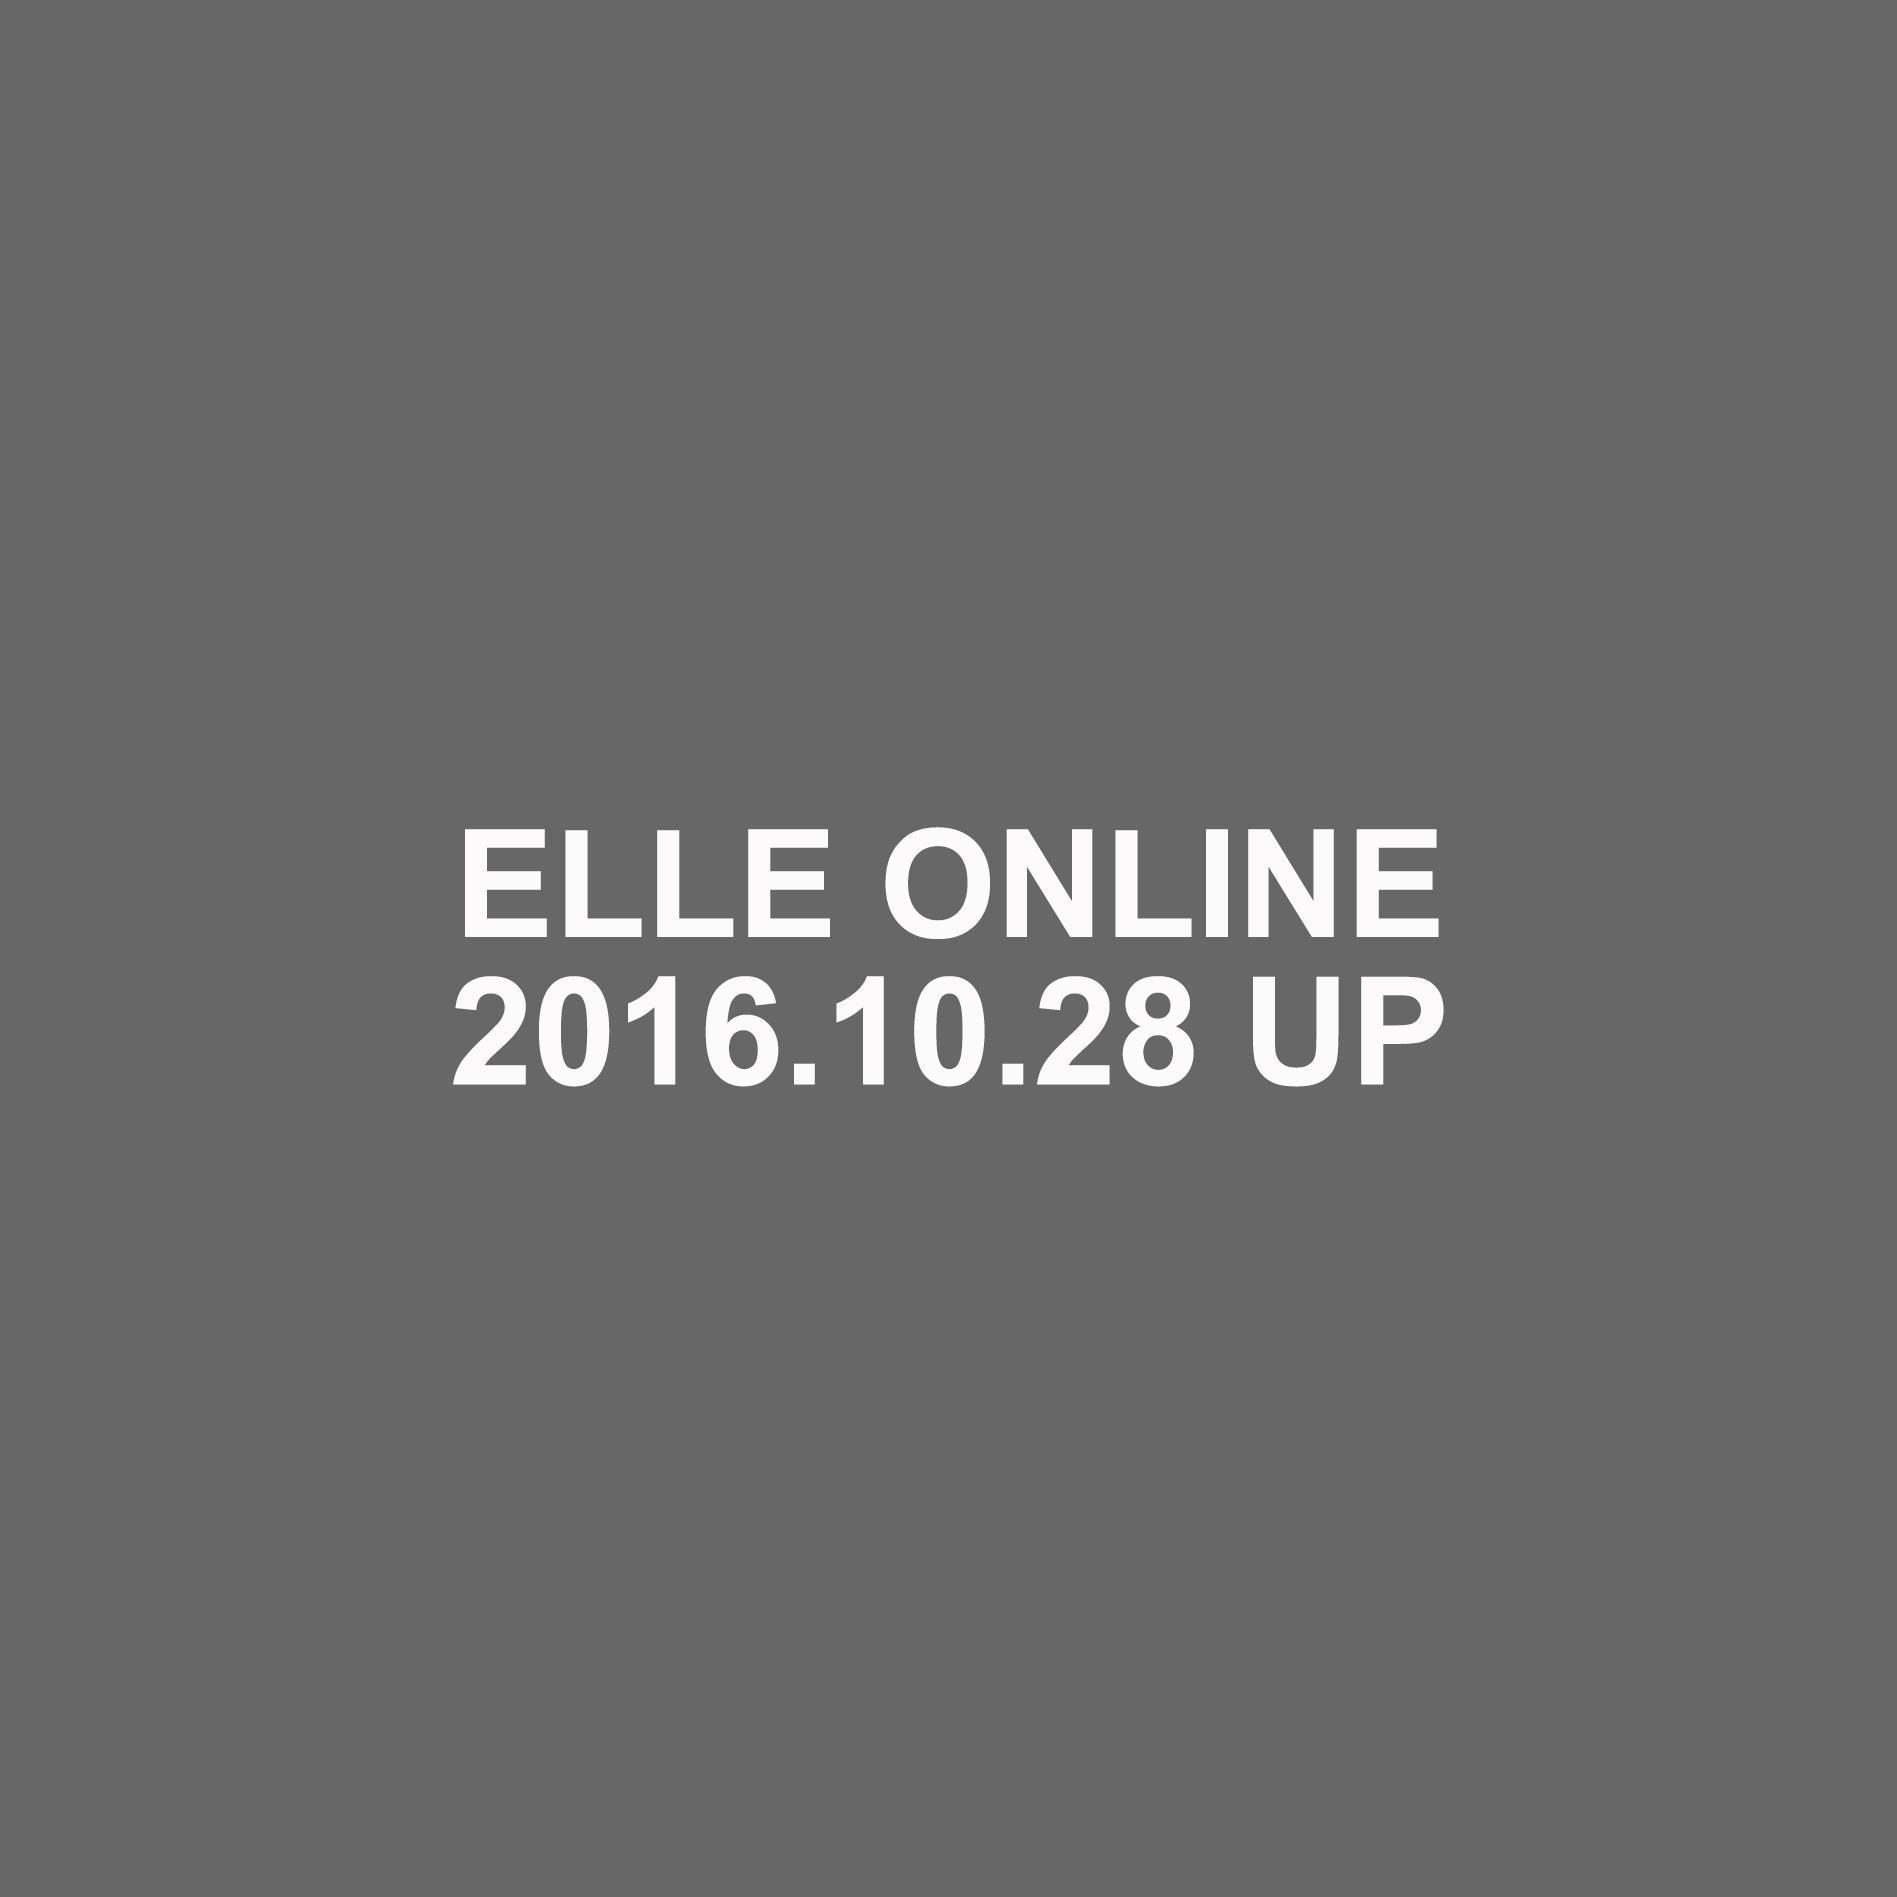 ELLE ONLINE 10/28UP